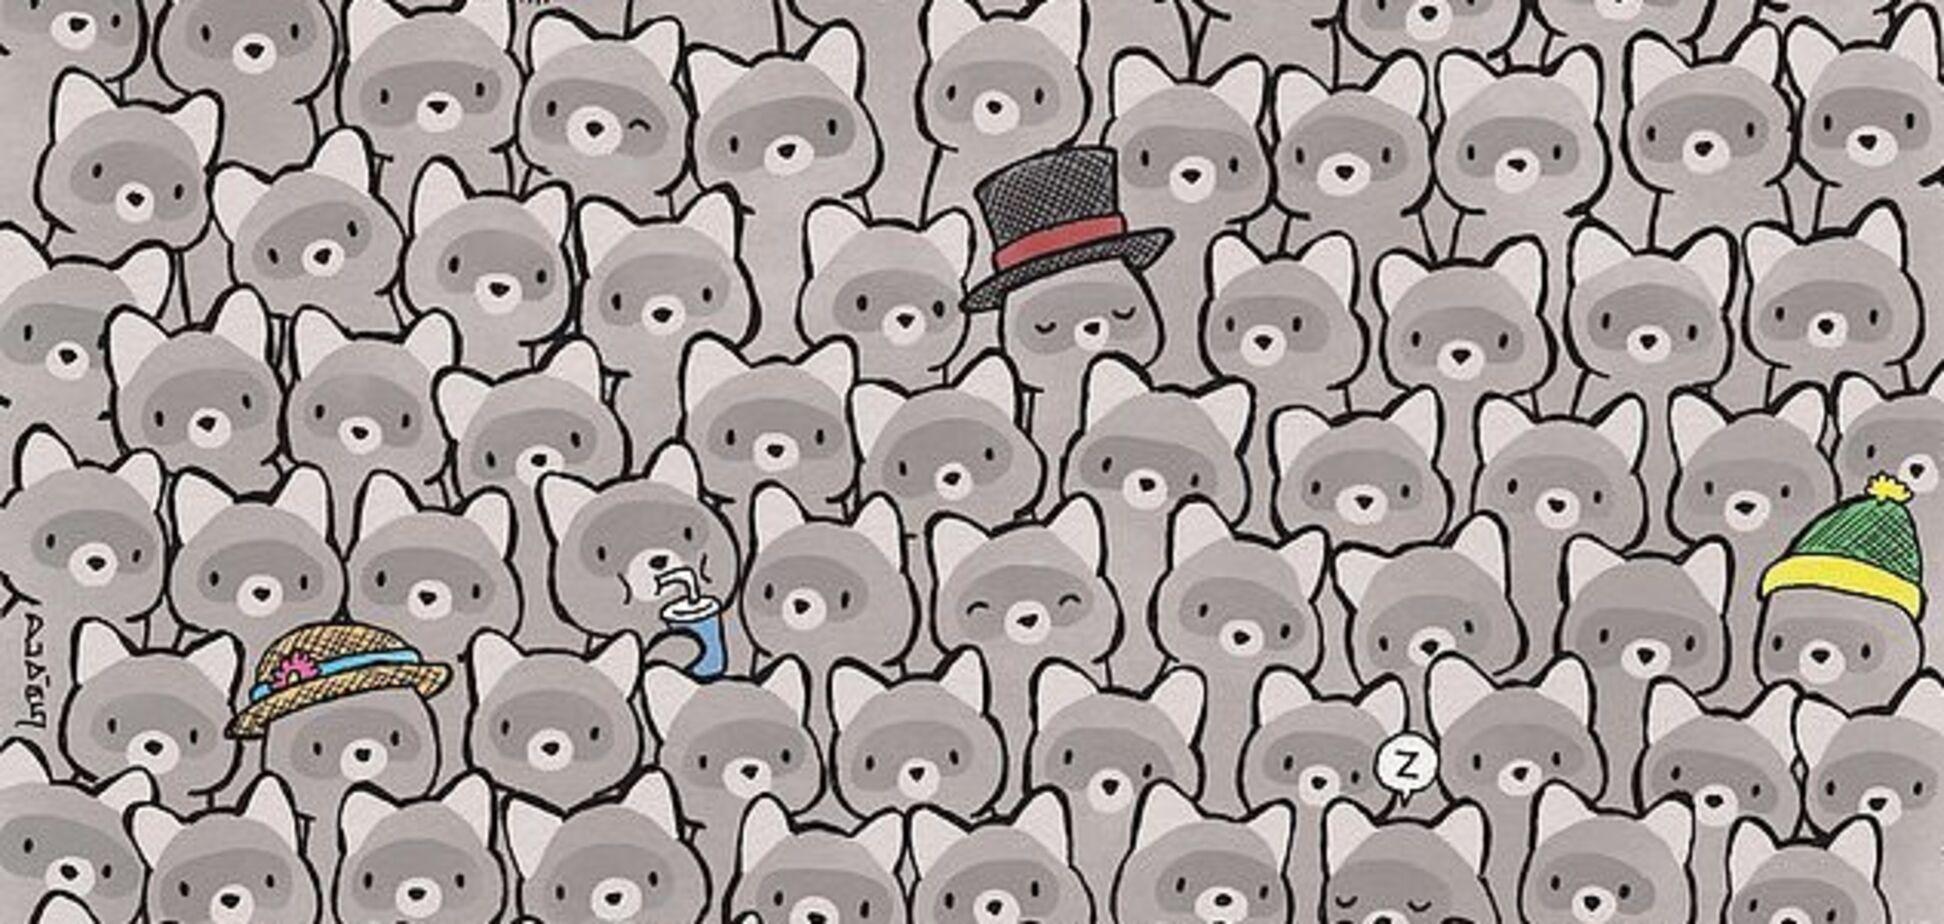 Найди кота! Новая головоломка озадачила сеть